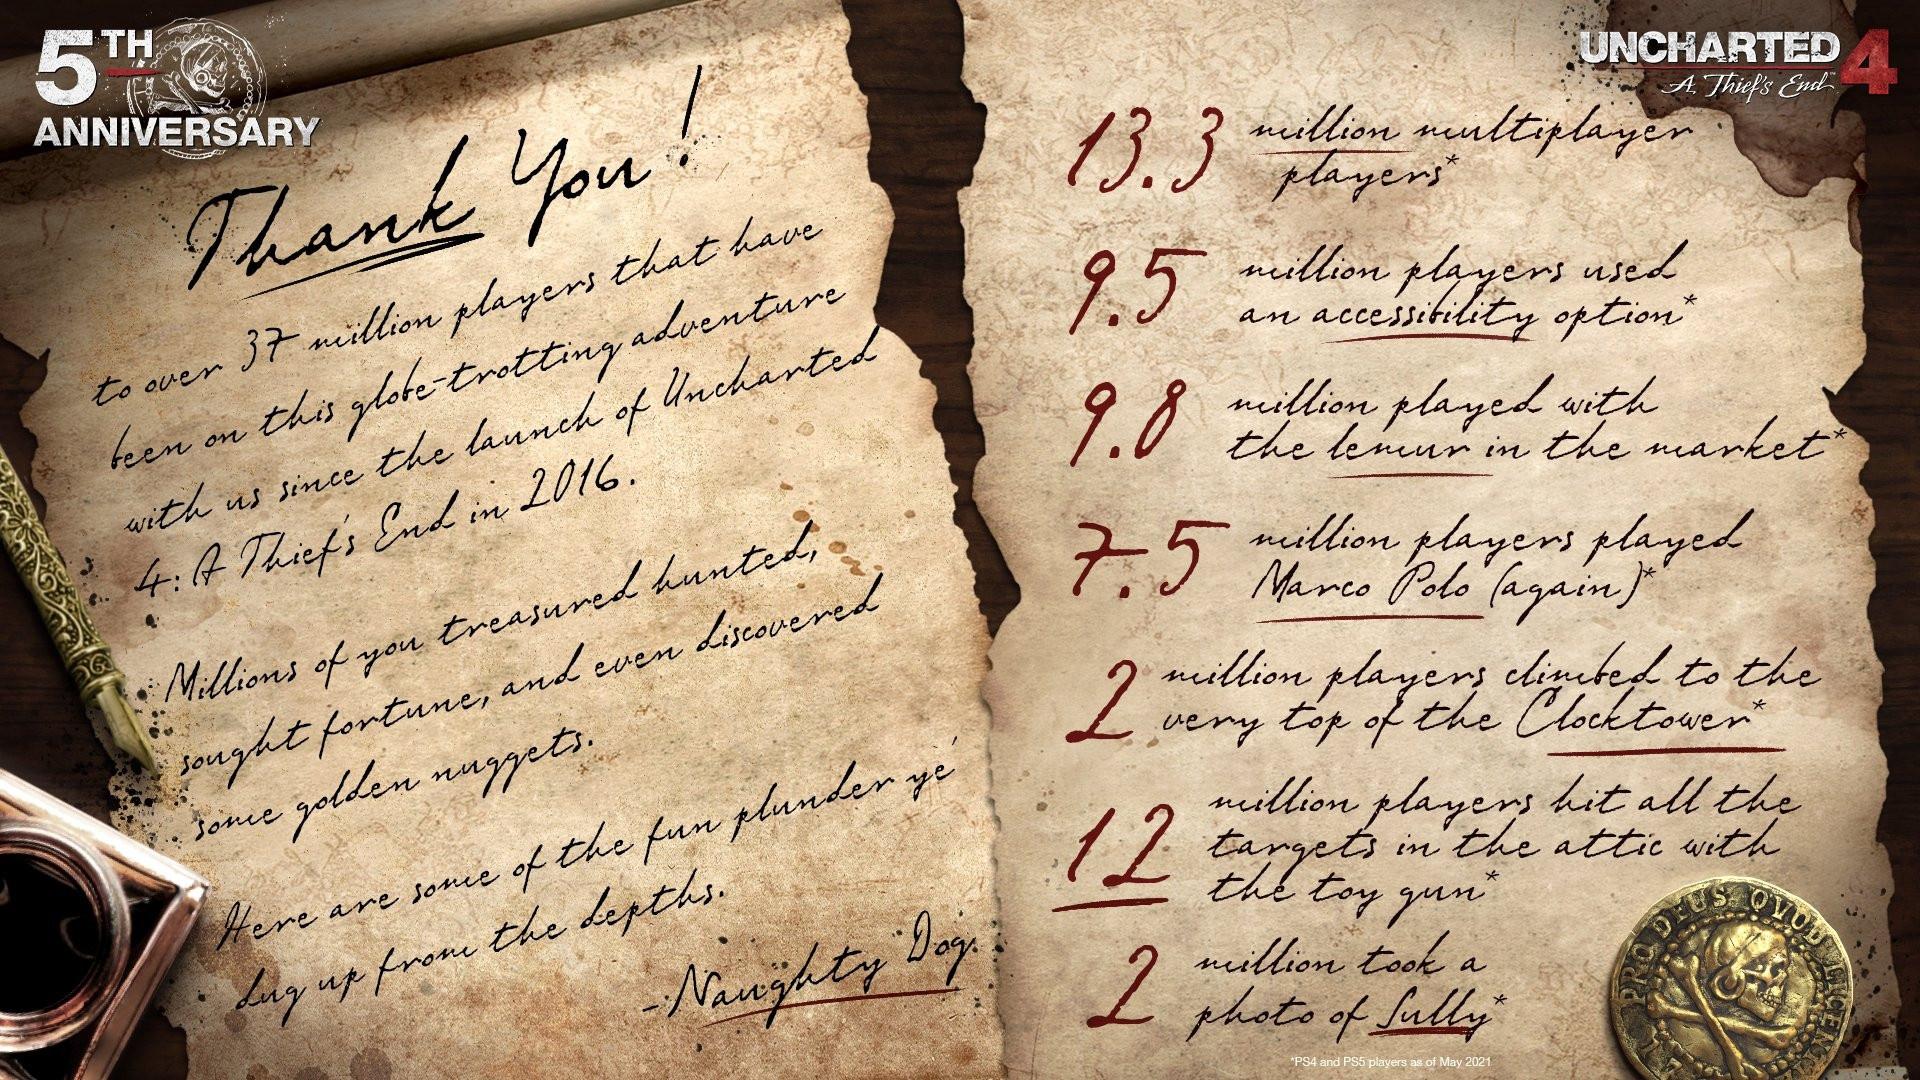 Naughty Dog поделилась небольшими фактами в честь 5-летия Uncharted 4: A Thief's End